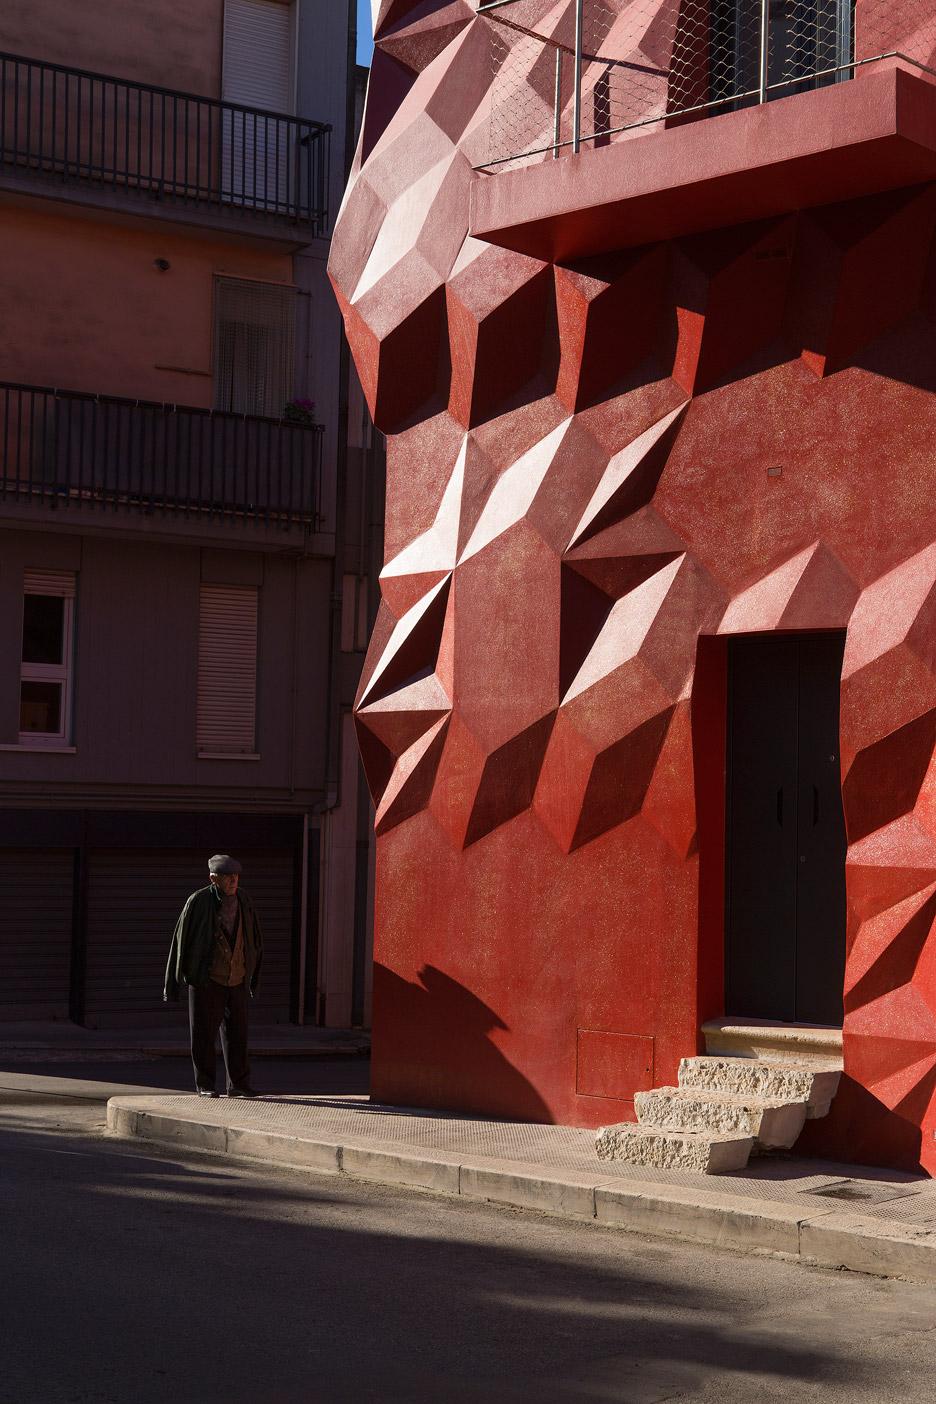 gentle-genius-gg-loop-facade-refurbishment_dezeen_936_4